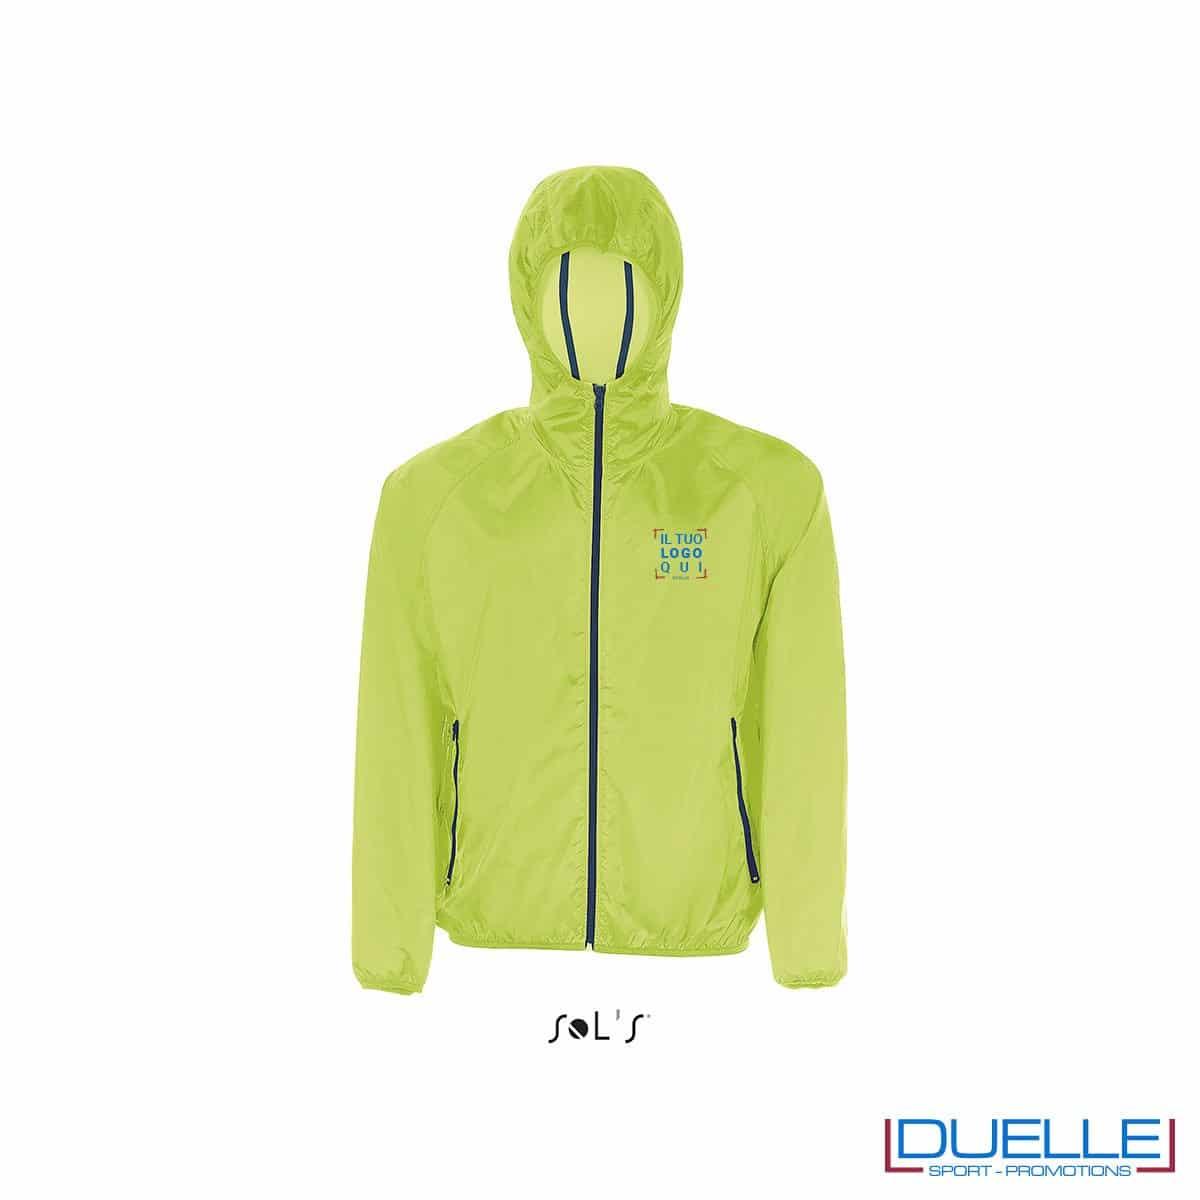 giacca antivento personalizzata in colore verde, kappa way personalizzato verde, k-way personalizzato verde, abbigliamento promozionale personalizzato